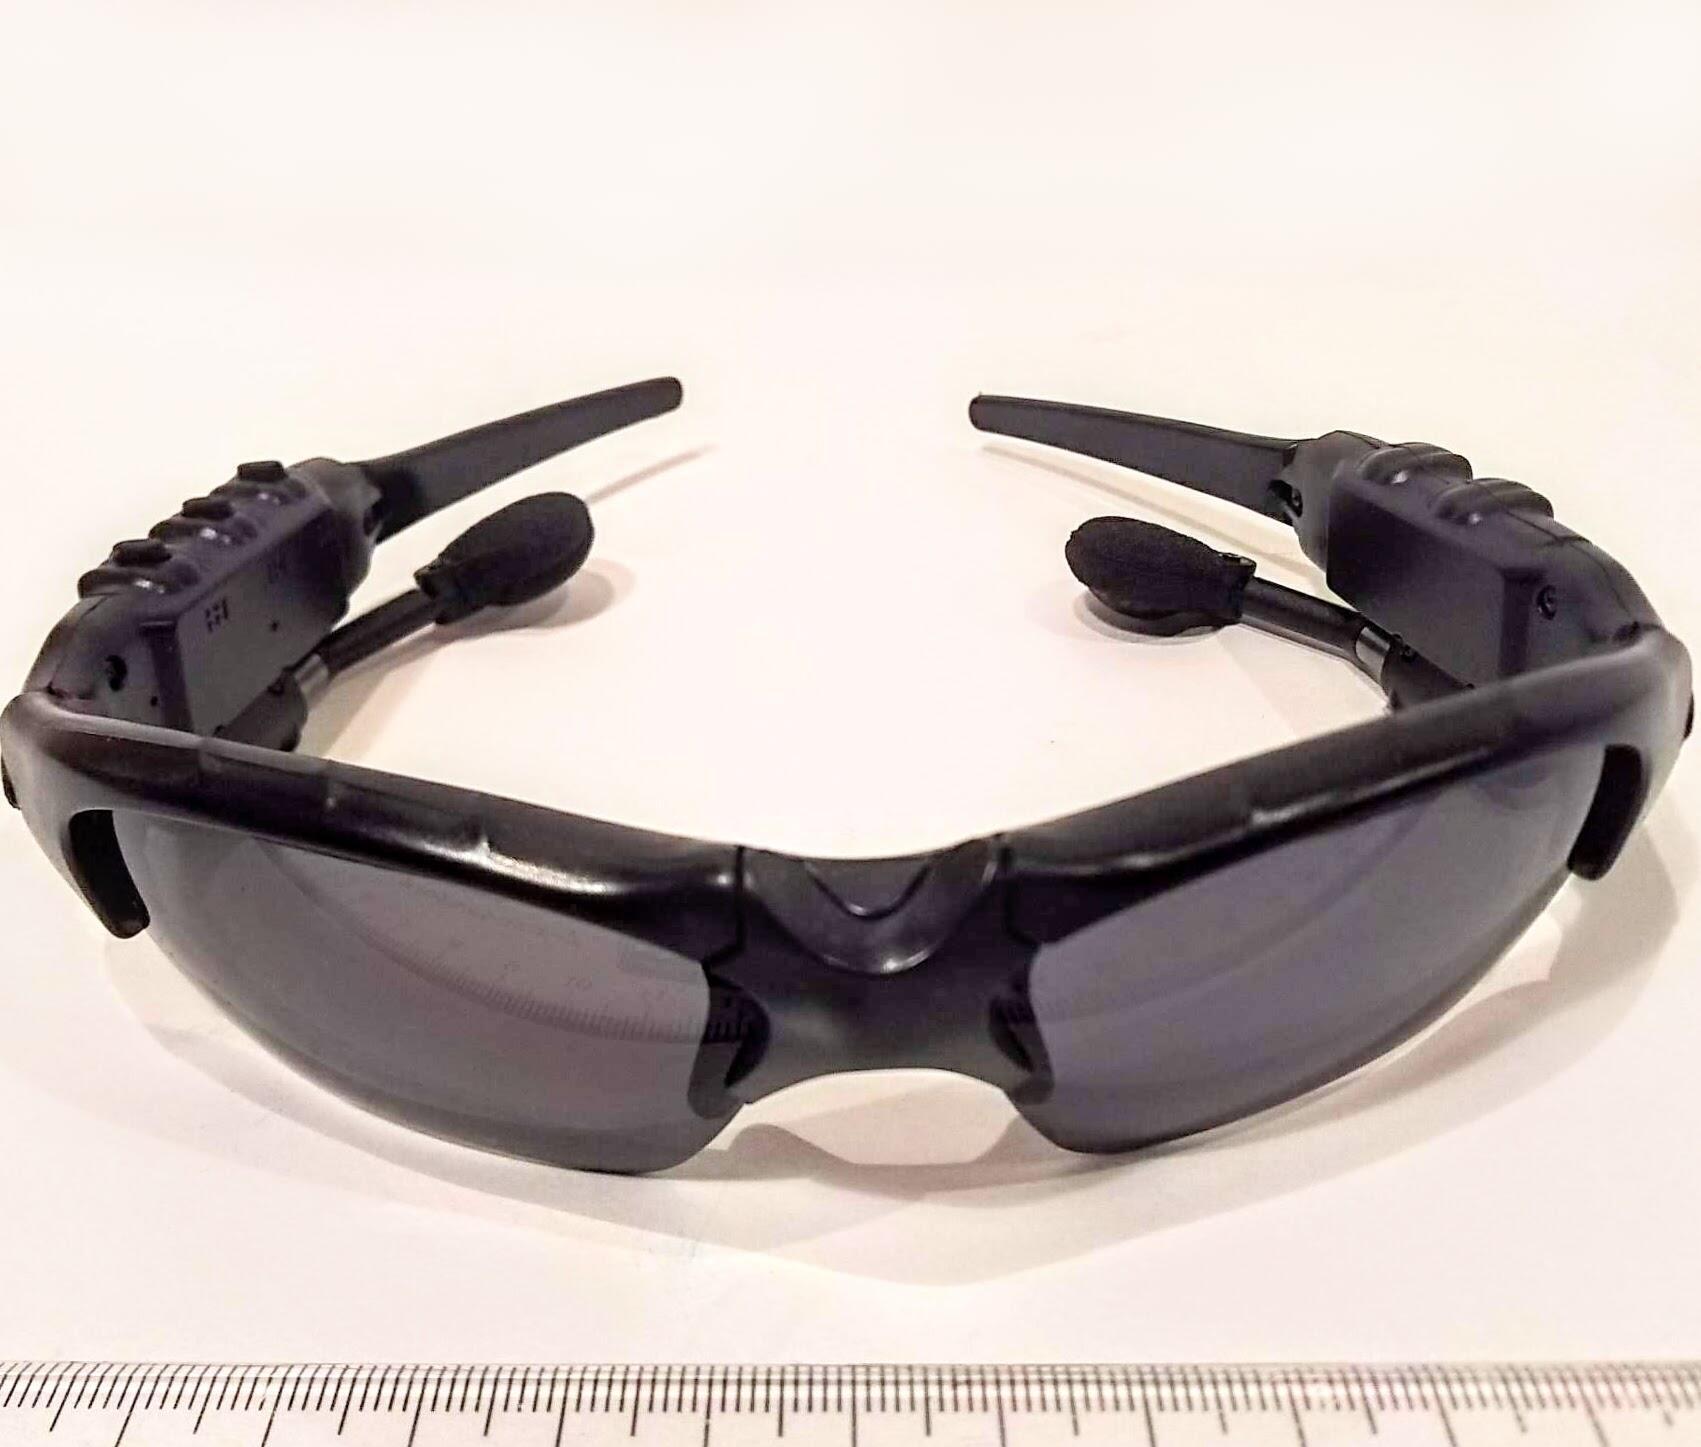 商い 耳位置調節可能 Bluetooth4.1ファッションメガネ ハンズフリー メーカー再生品